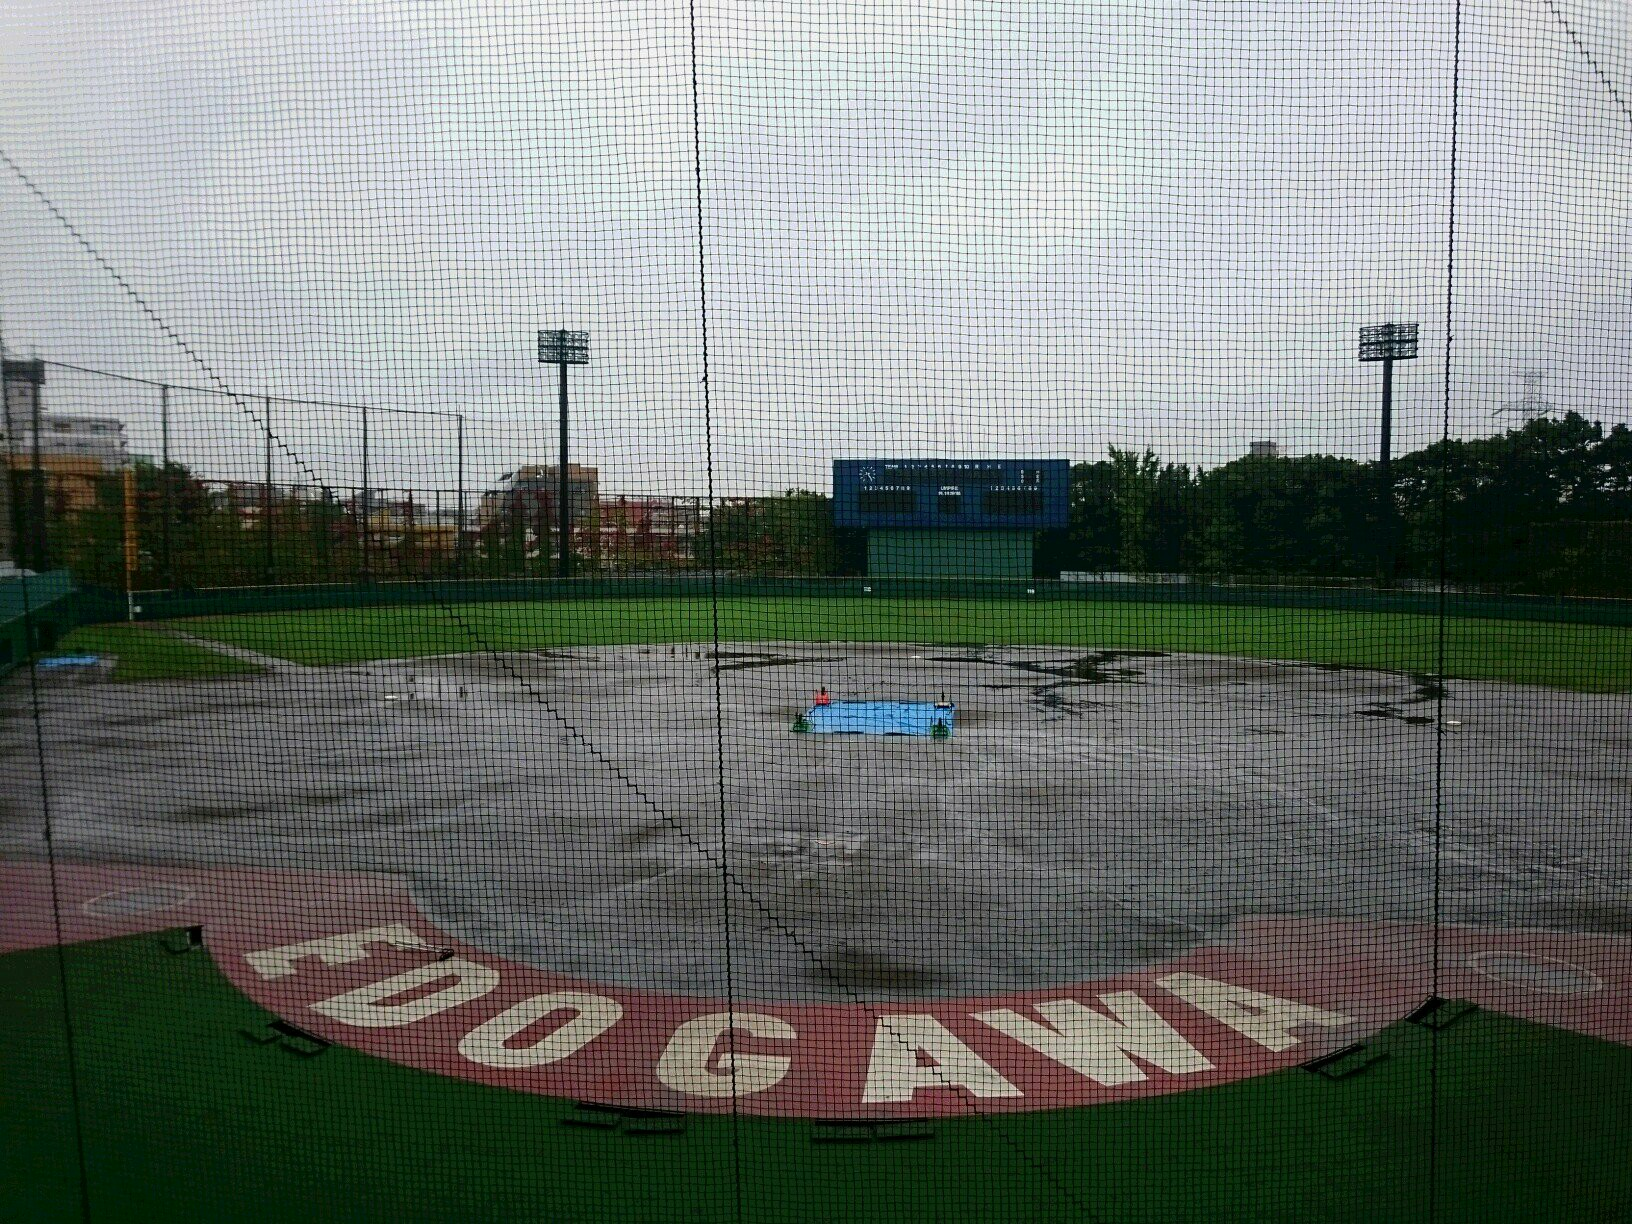 f:id:summer-jingu-stadium:20171017151415j:image